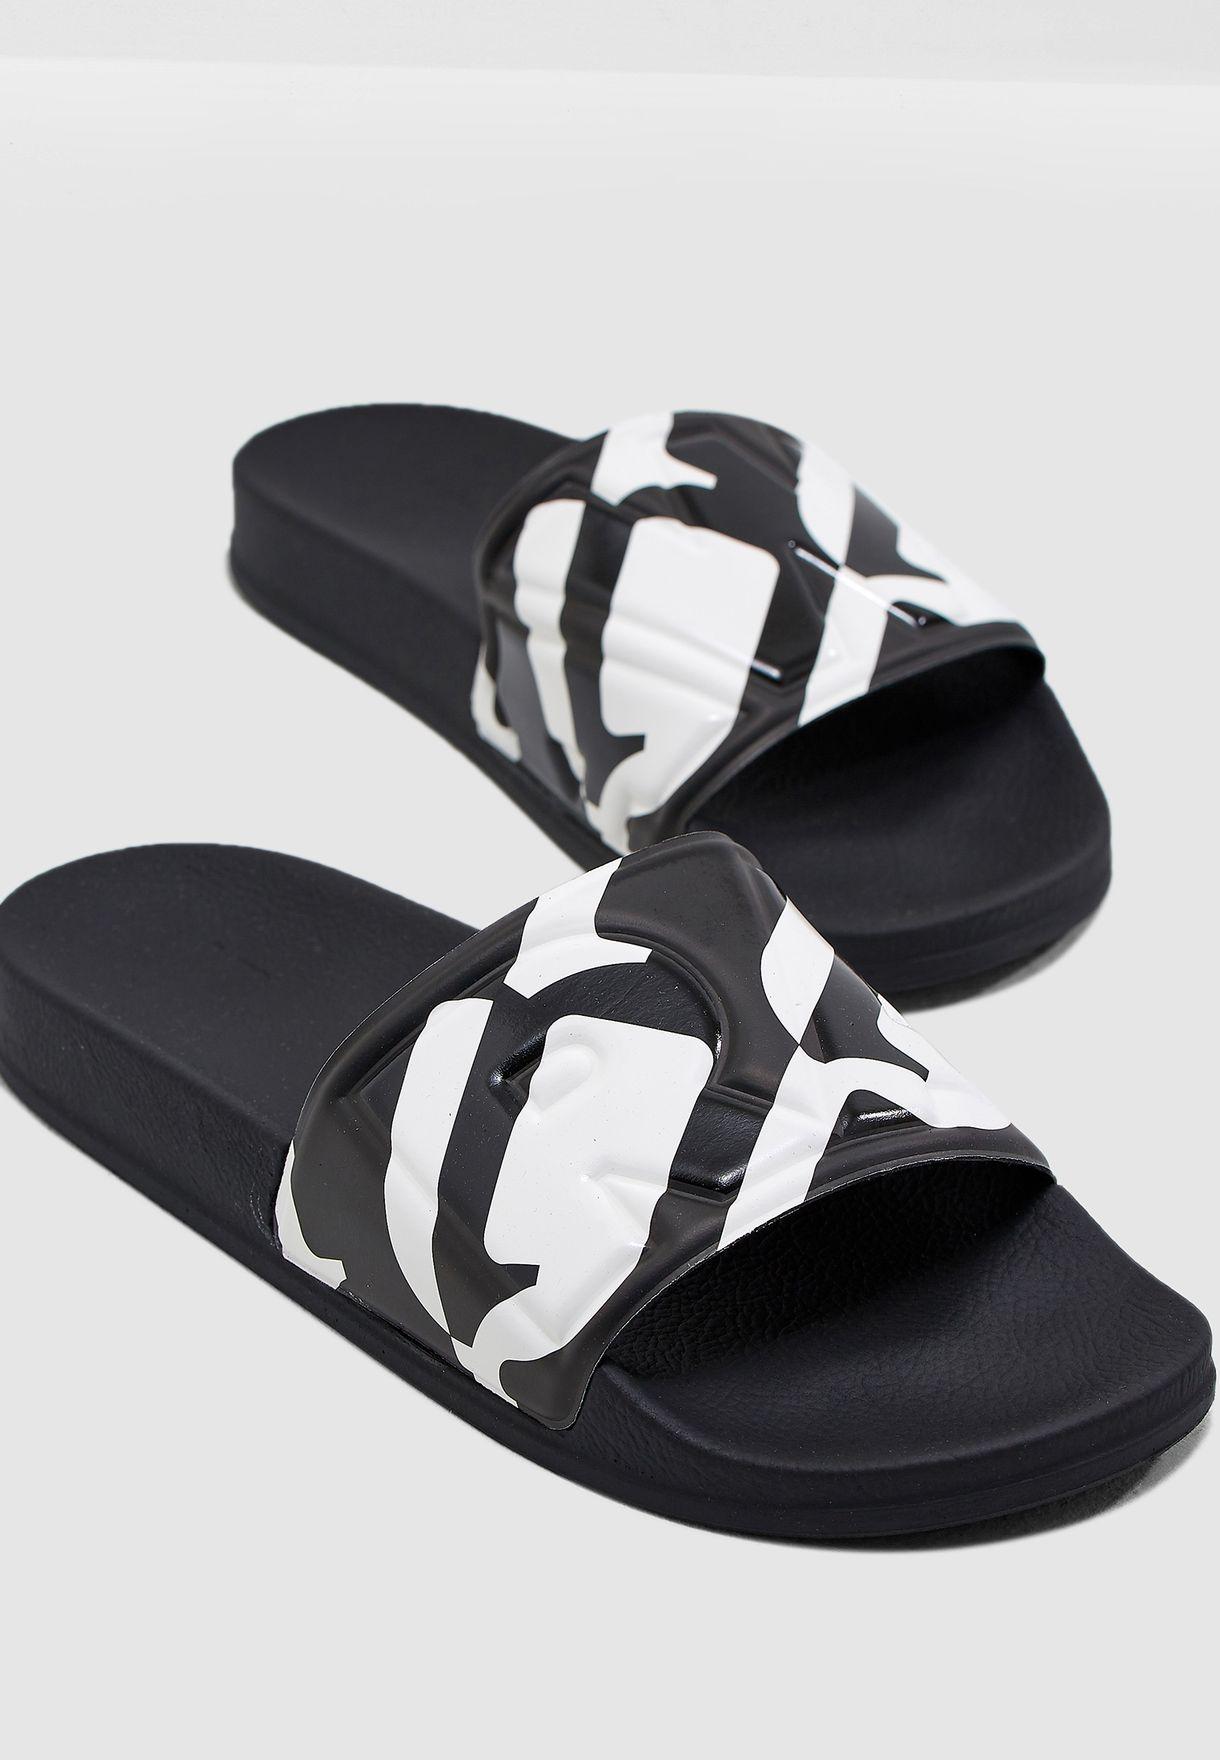 405af3494e5 Shop G Star Raw black Cart Slide Casual Sandals D10471 A486 5948 for ...